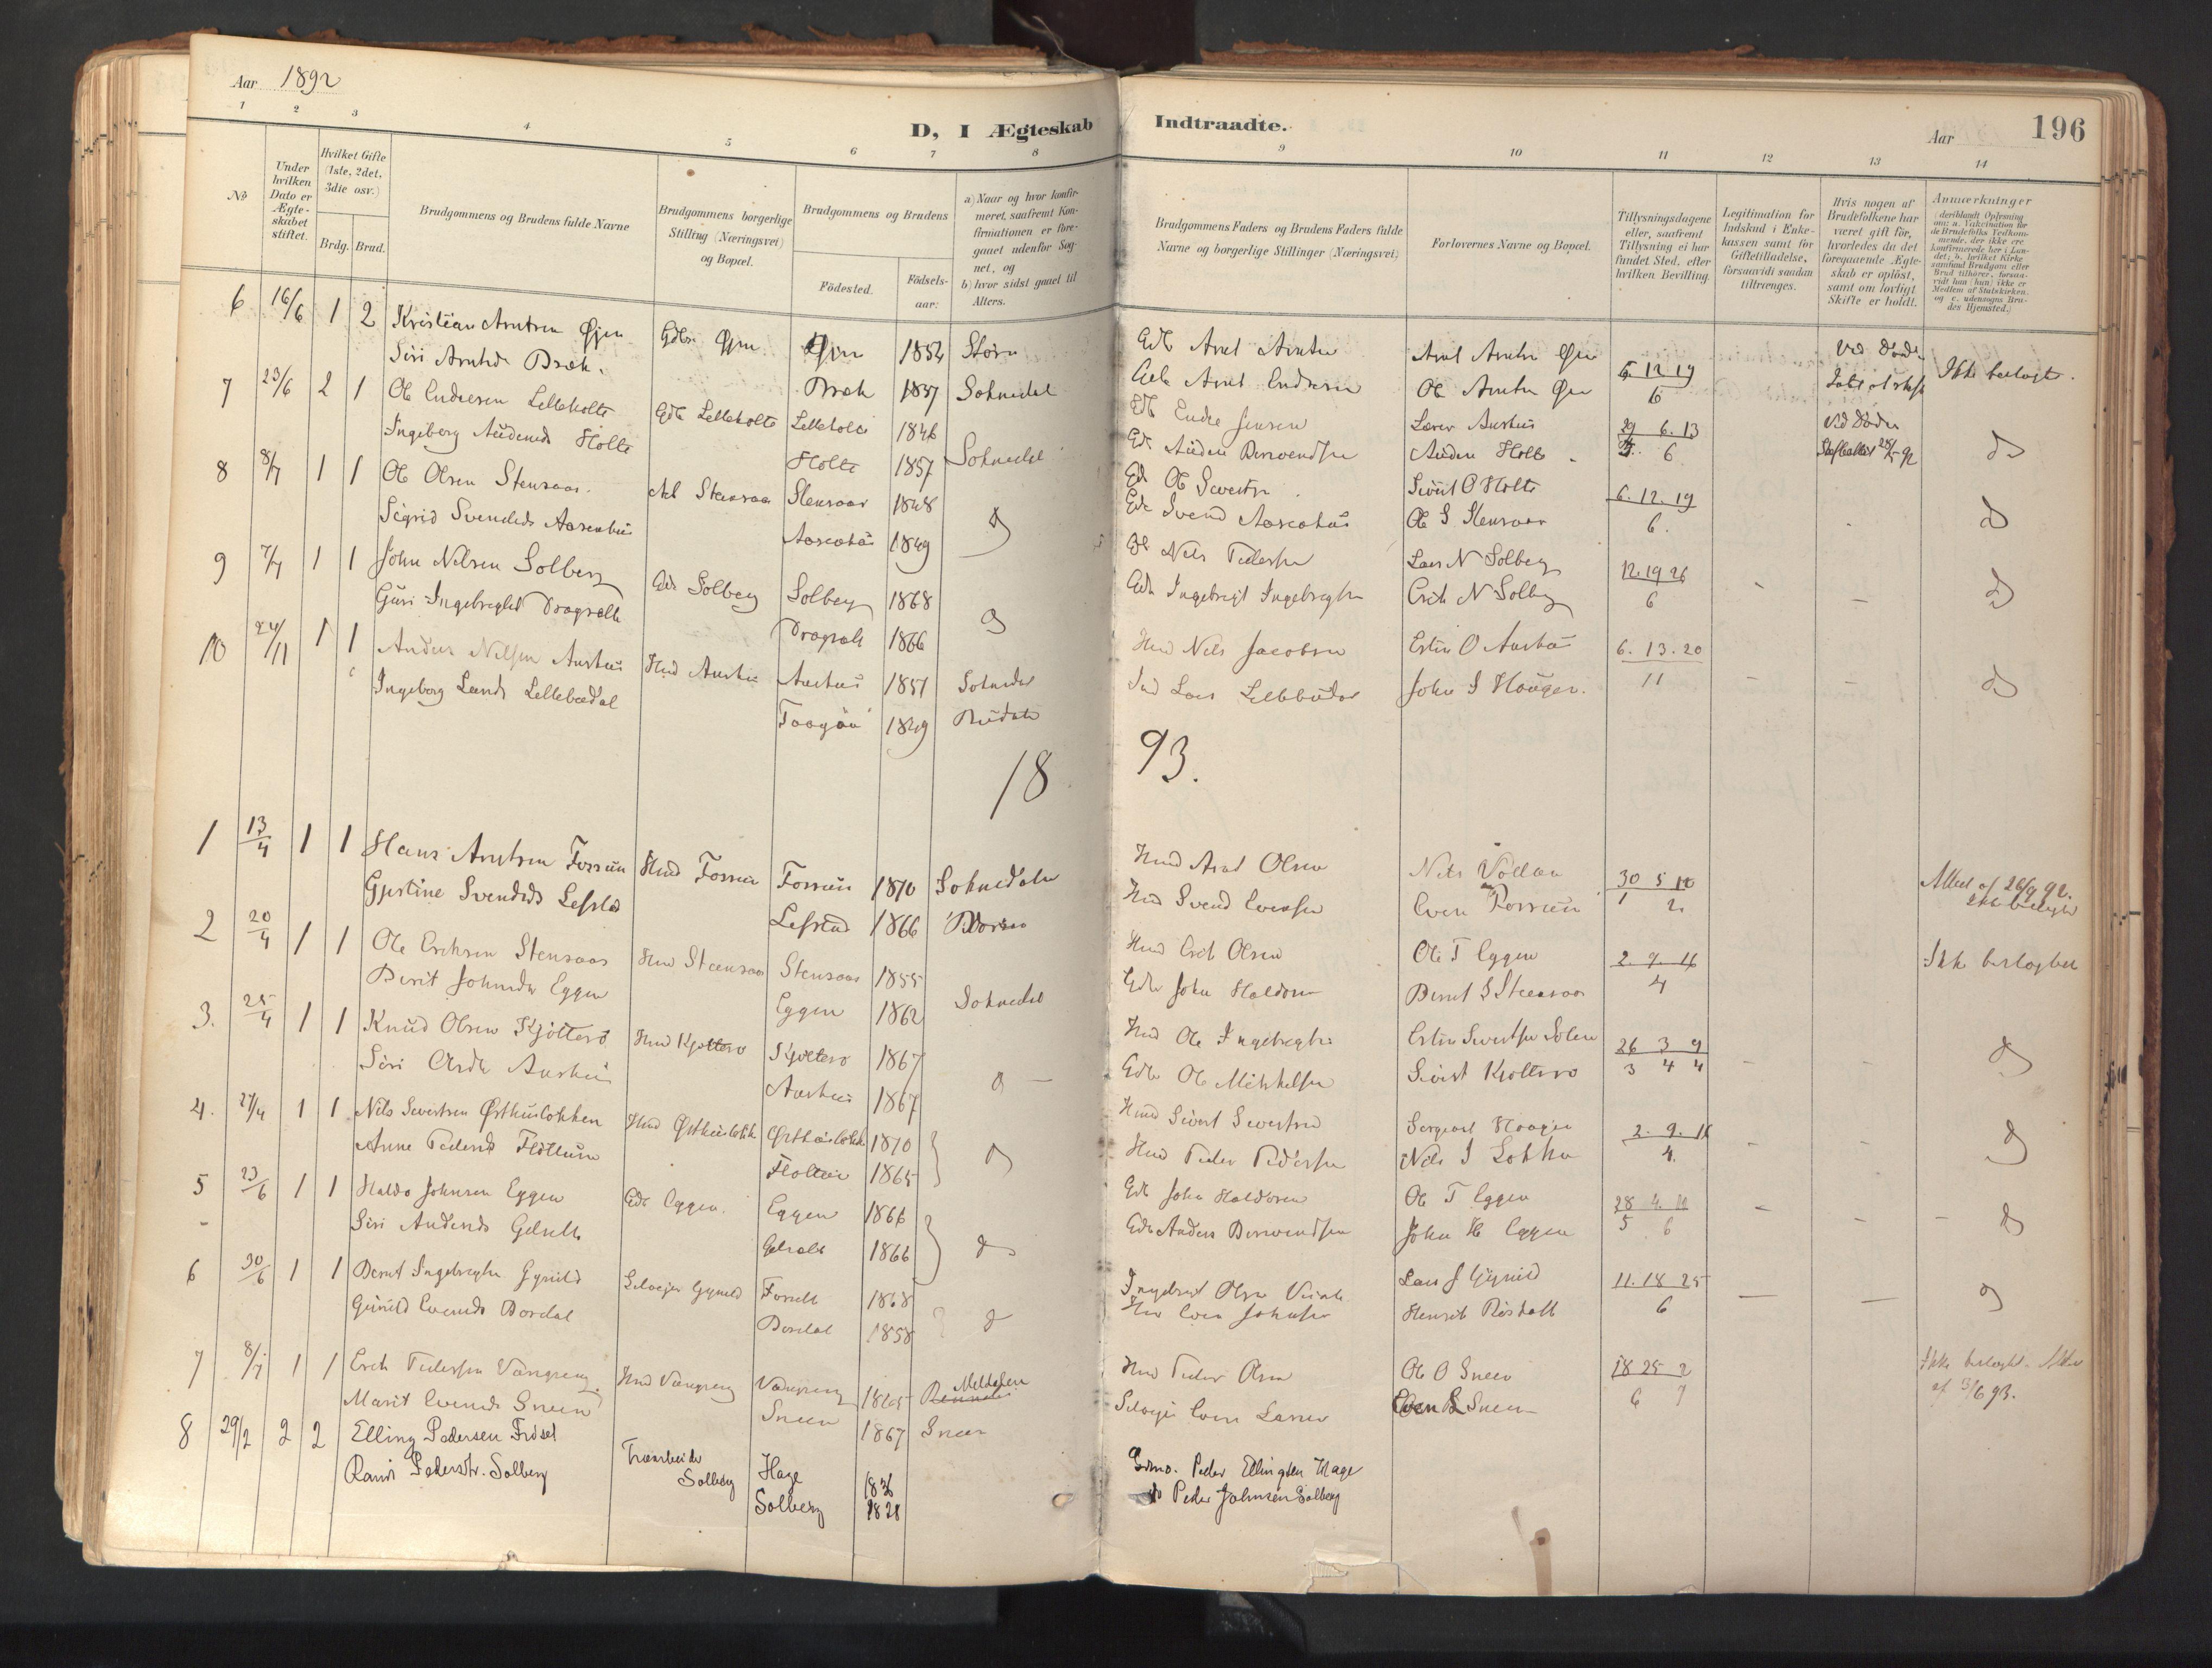 SAT, Ministerialprotokoller, klokkerbøker og fødselsregistre - Sør-Trøndelag, 689/L1041: Ministerialbok nr. 689A06, 1891-1923, s. 196